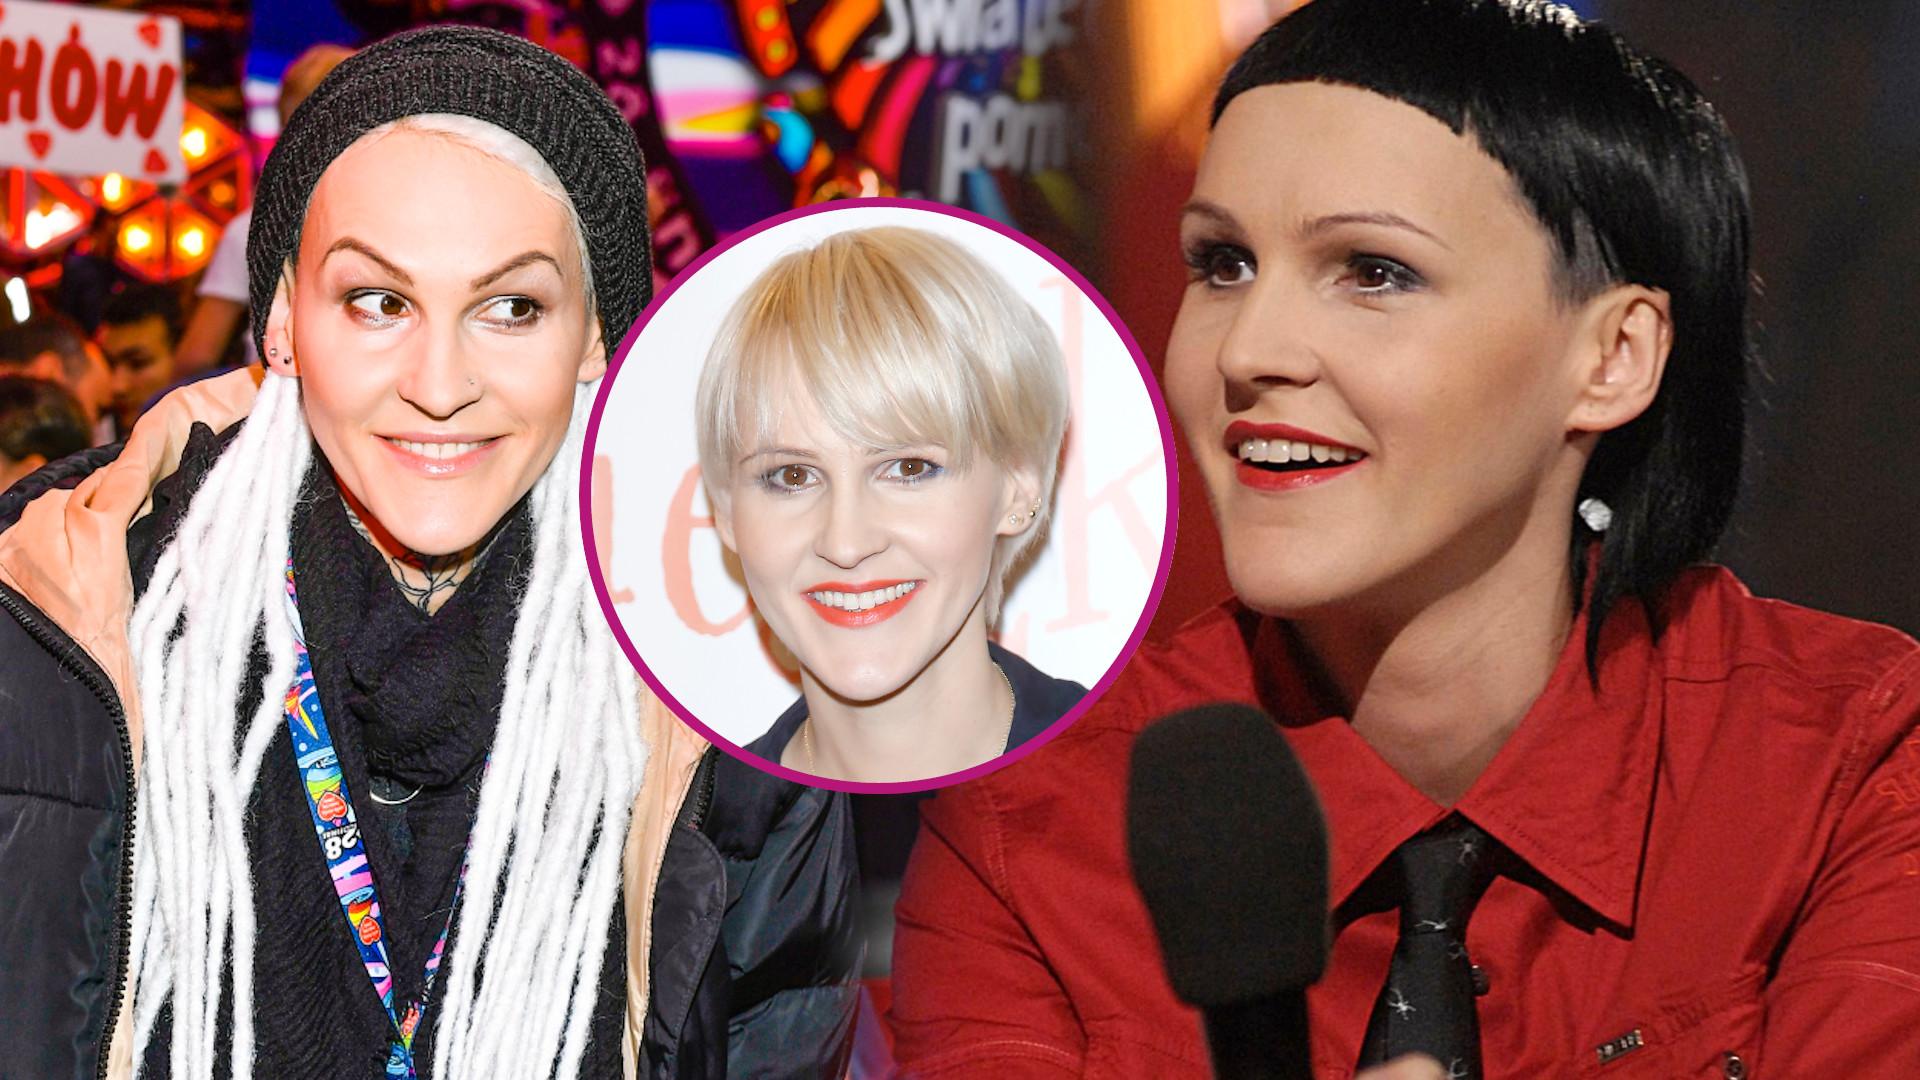 Agnieszka Chylińska miała kiedyś długie, KRĘCONE włosy! Zobaczcie najbardziej odjechane fryzury wokalistki (ZDJĘCIA)